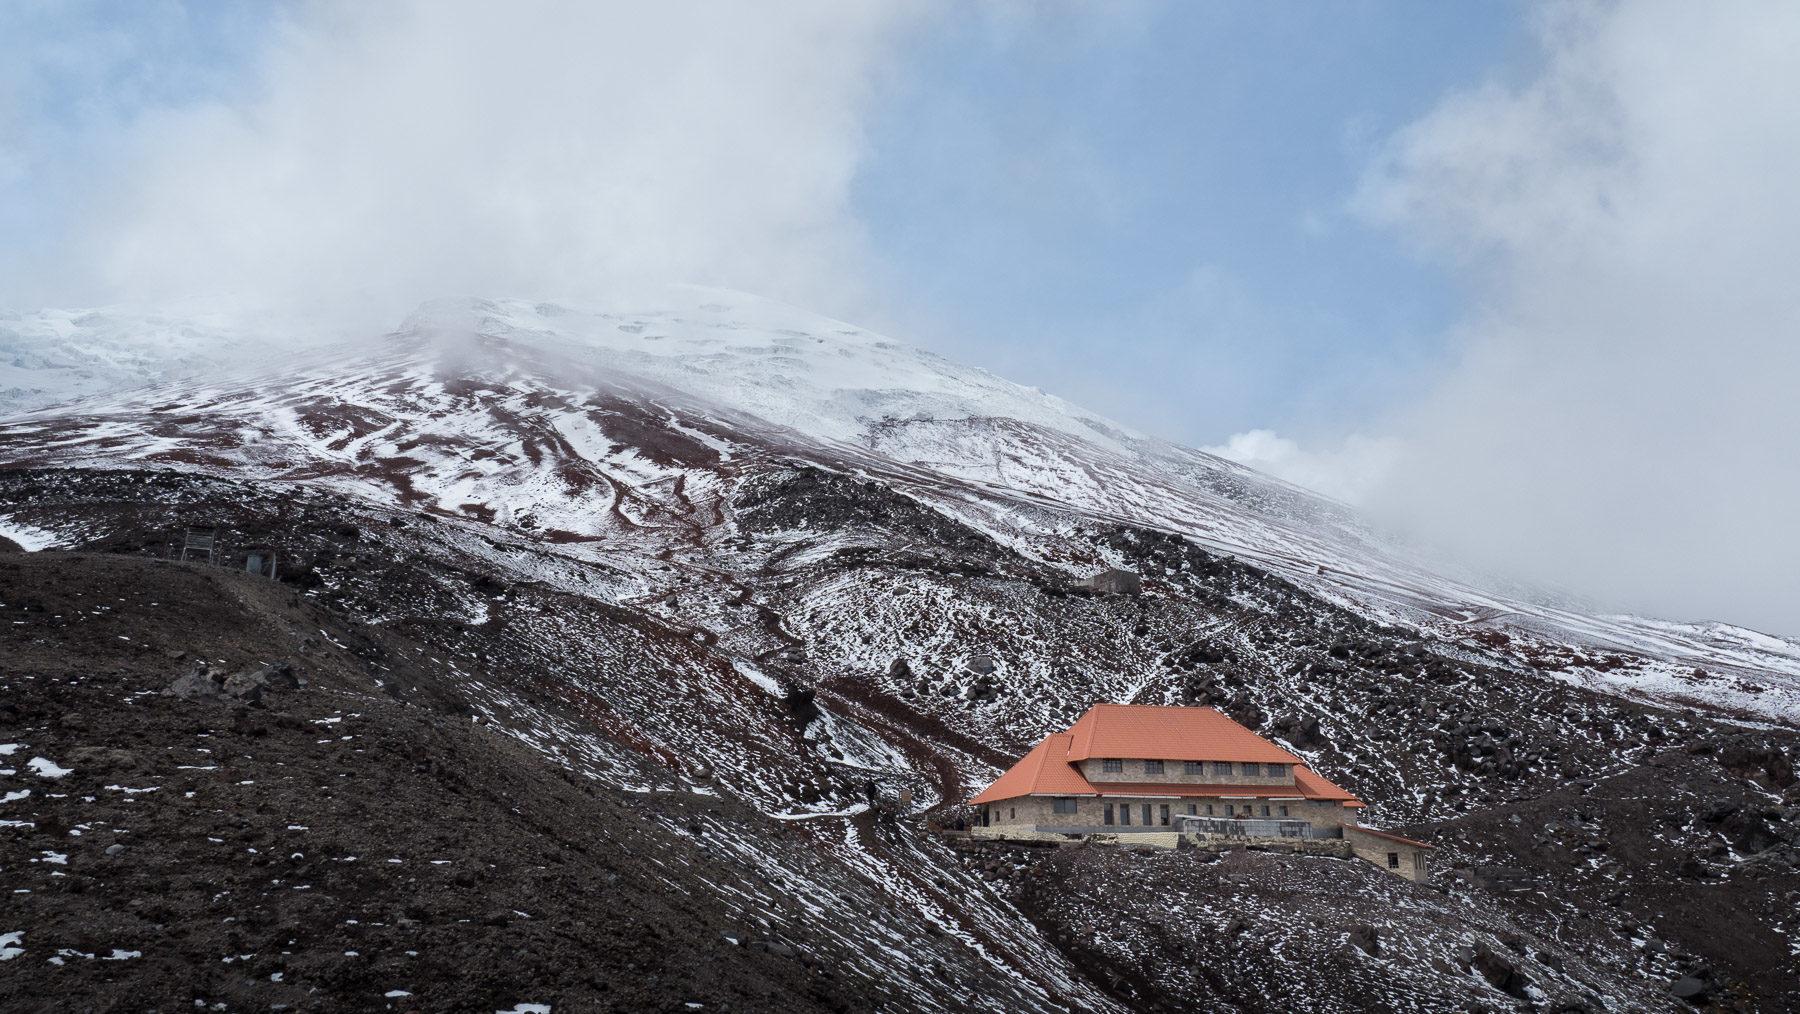 Das Refugio am Cotopaxi, weiter hoch geht's für uns nicht